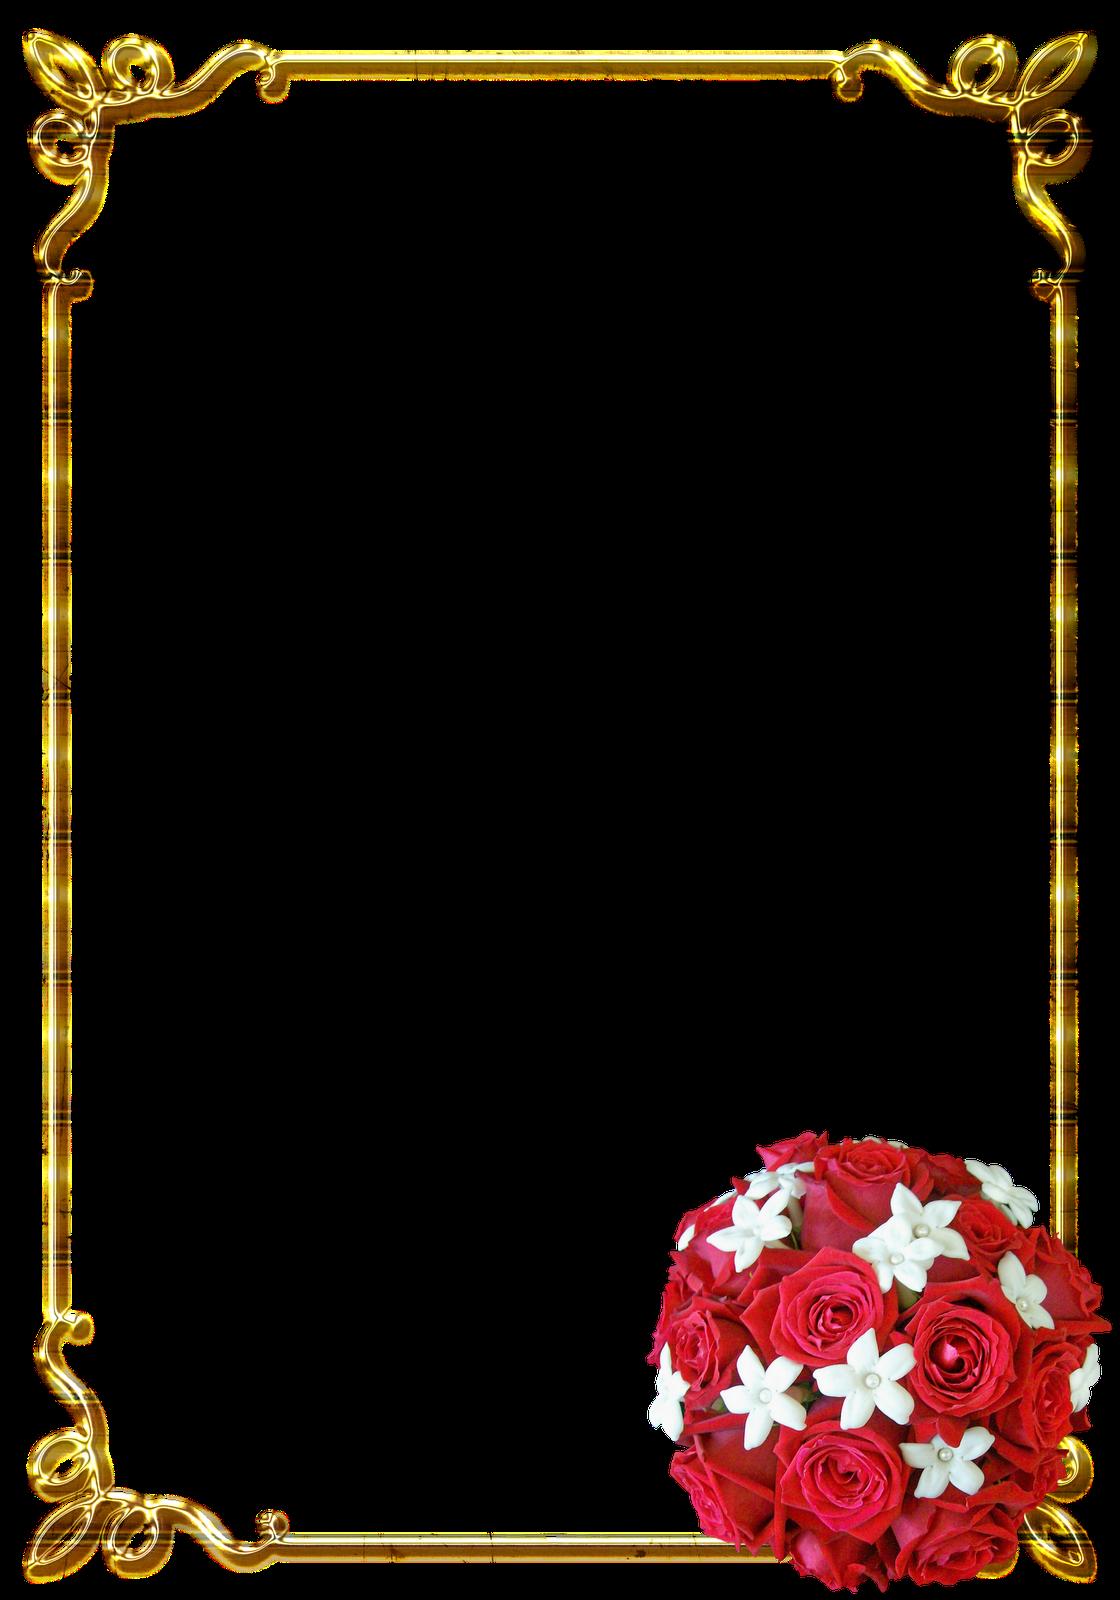 Frames PNG douradas com rosa vermelhas | Central Photoshop